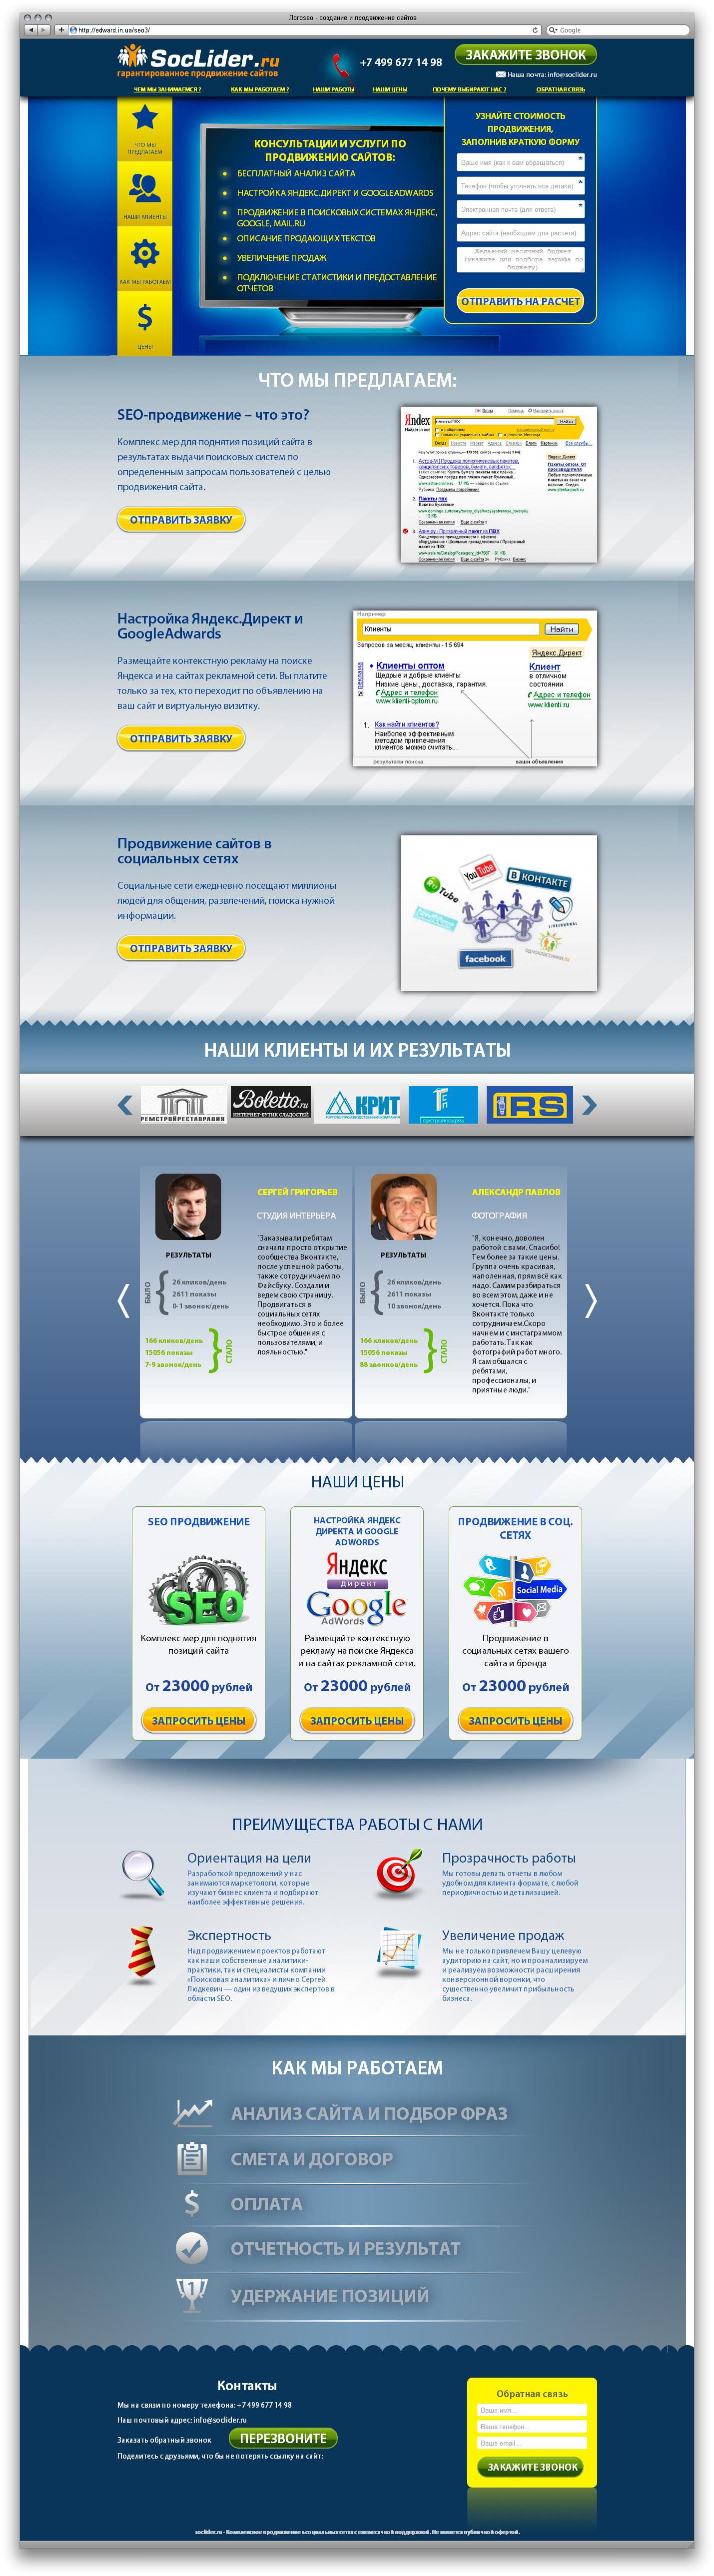 Лендинг: Логоseo - создание и продвижение сайтов